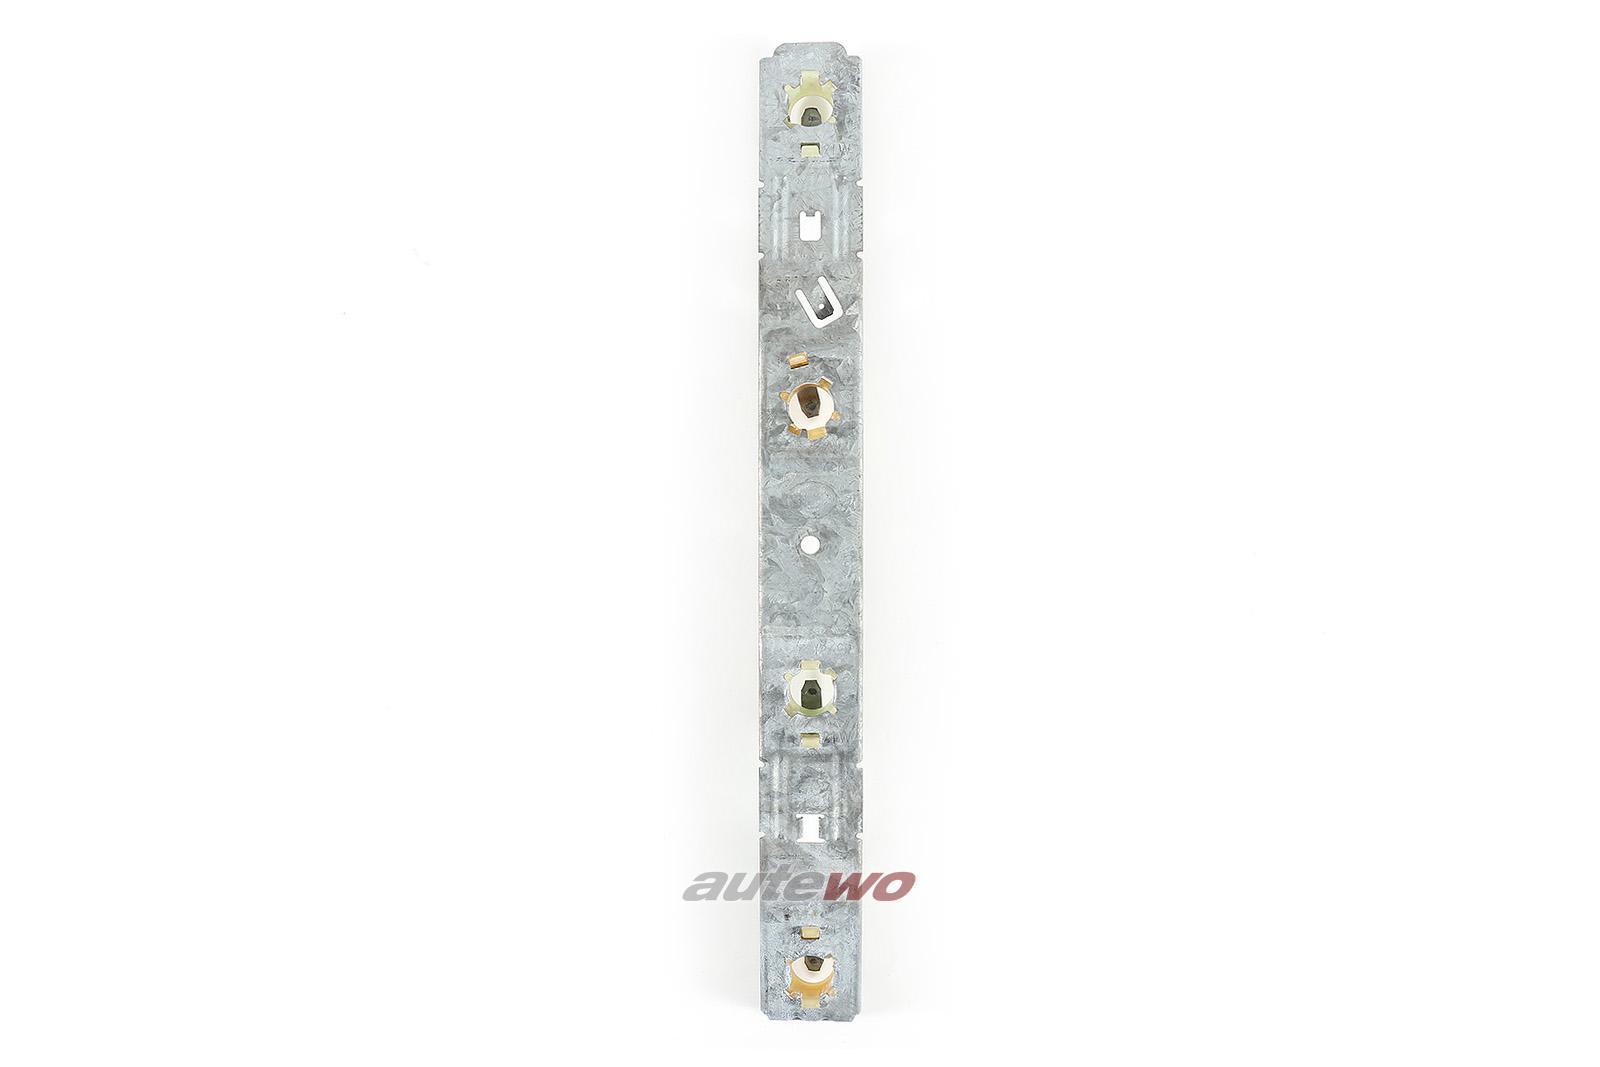 531945285 VW Scirocco 1 Lampenträger Rückleuchte Hinten